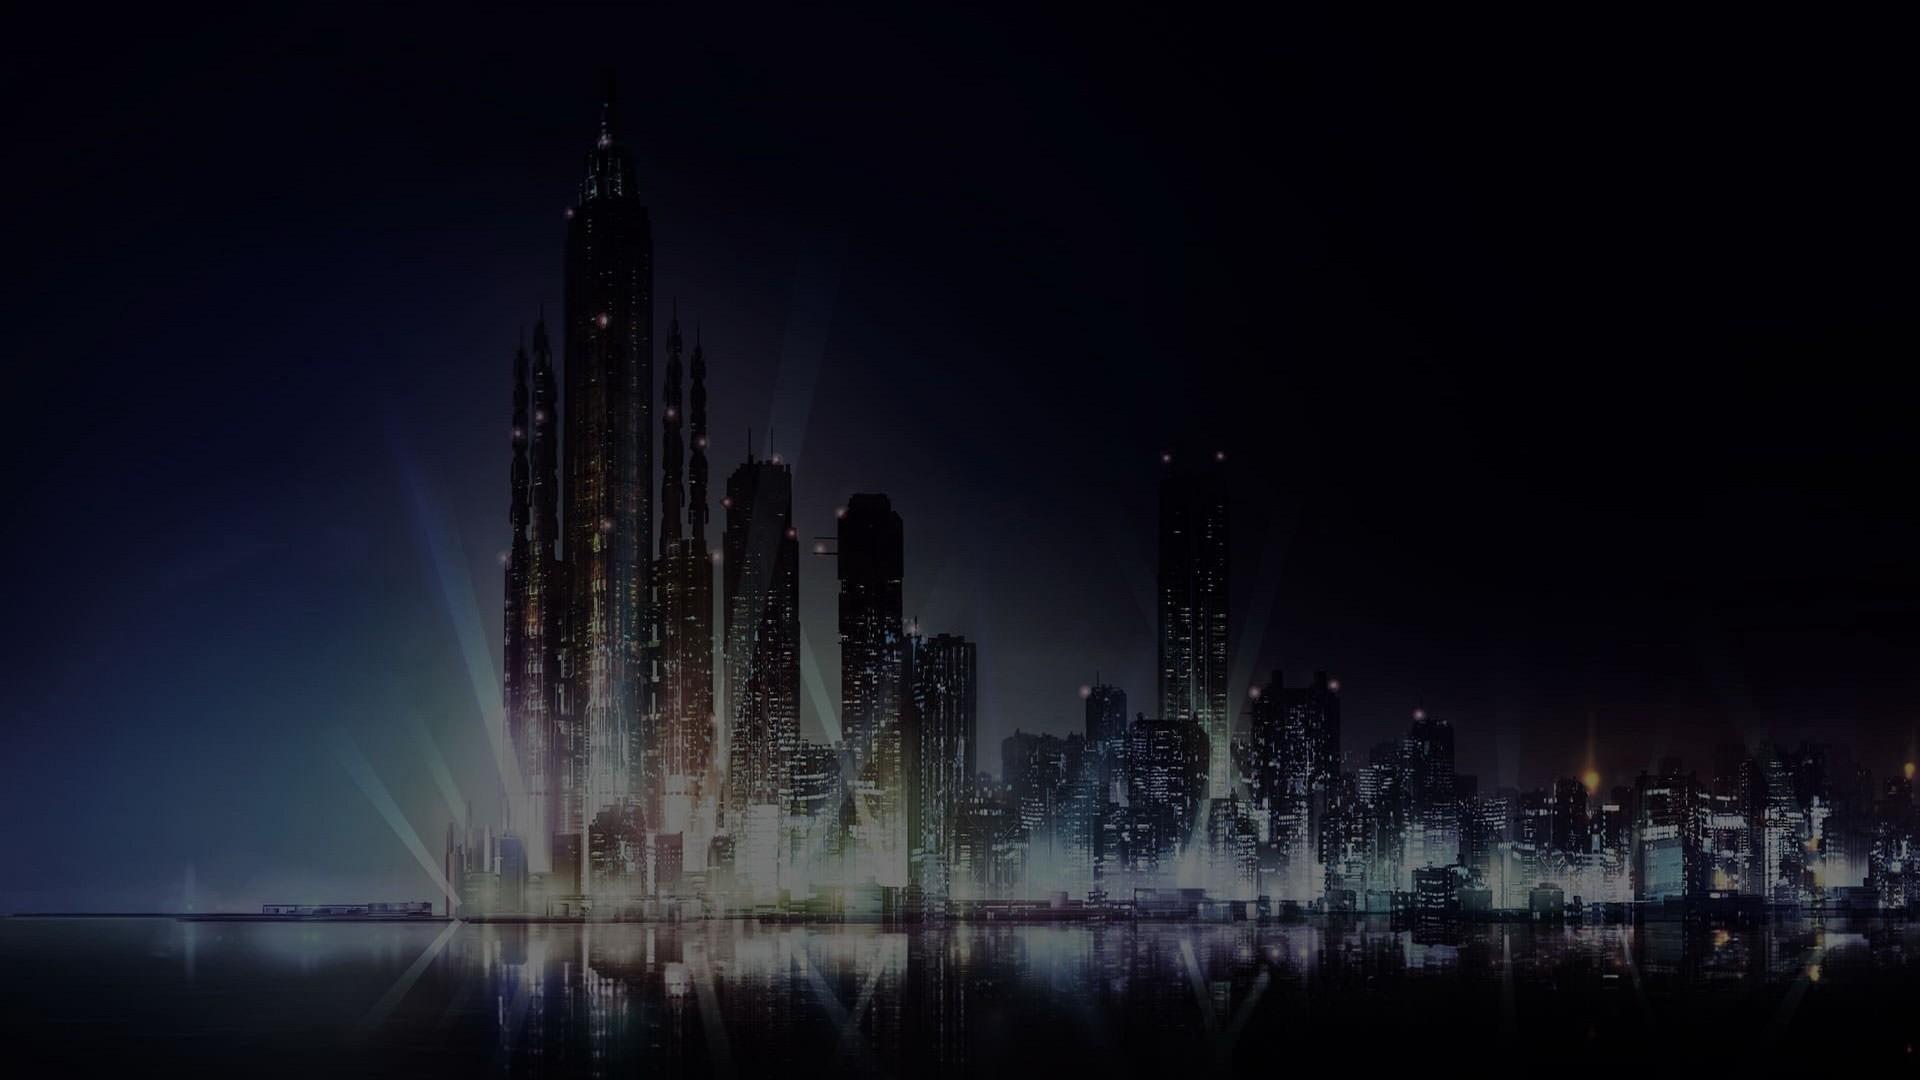 Dark City Wallpaper Desktop